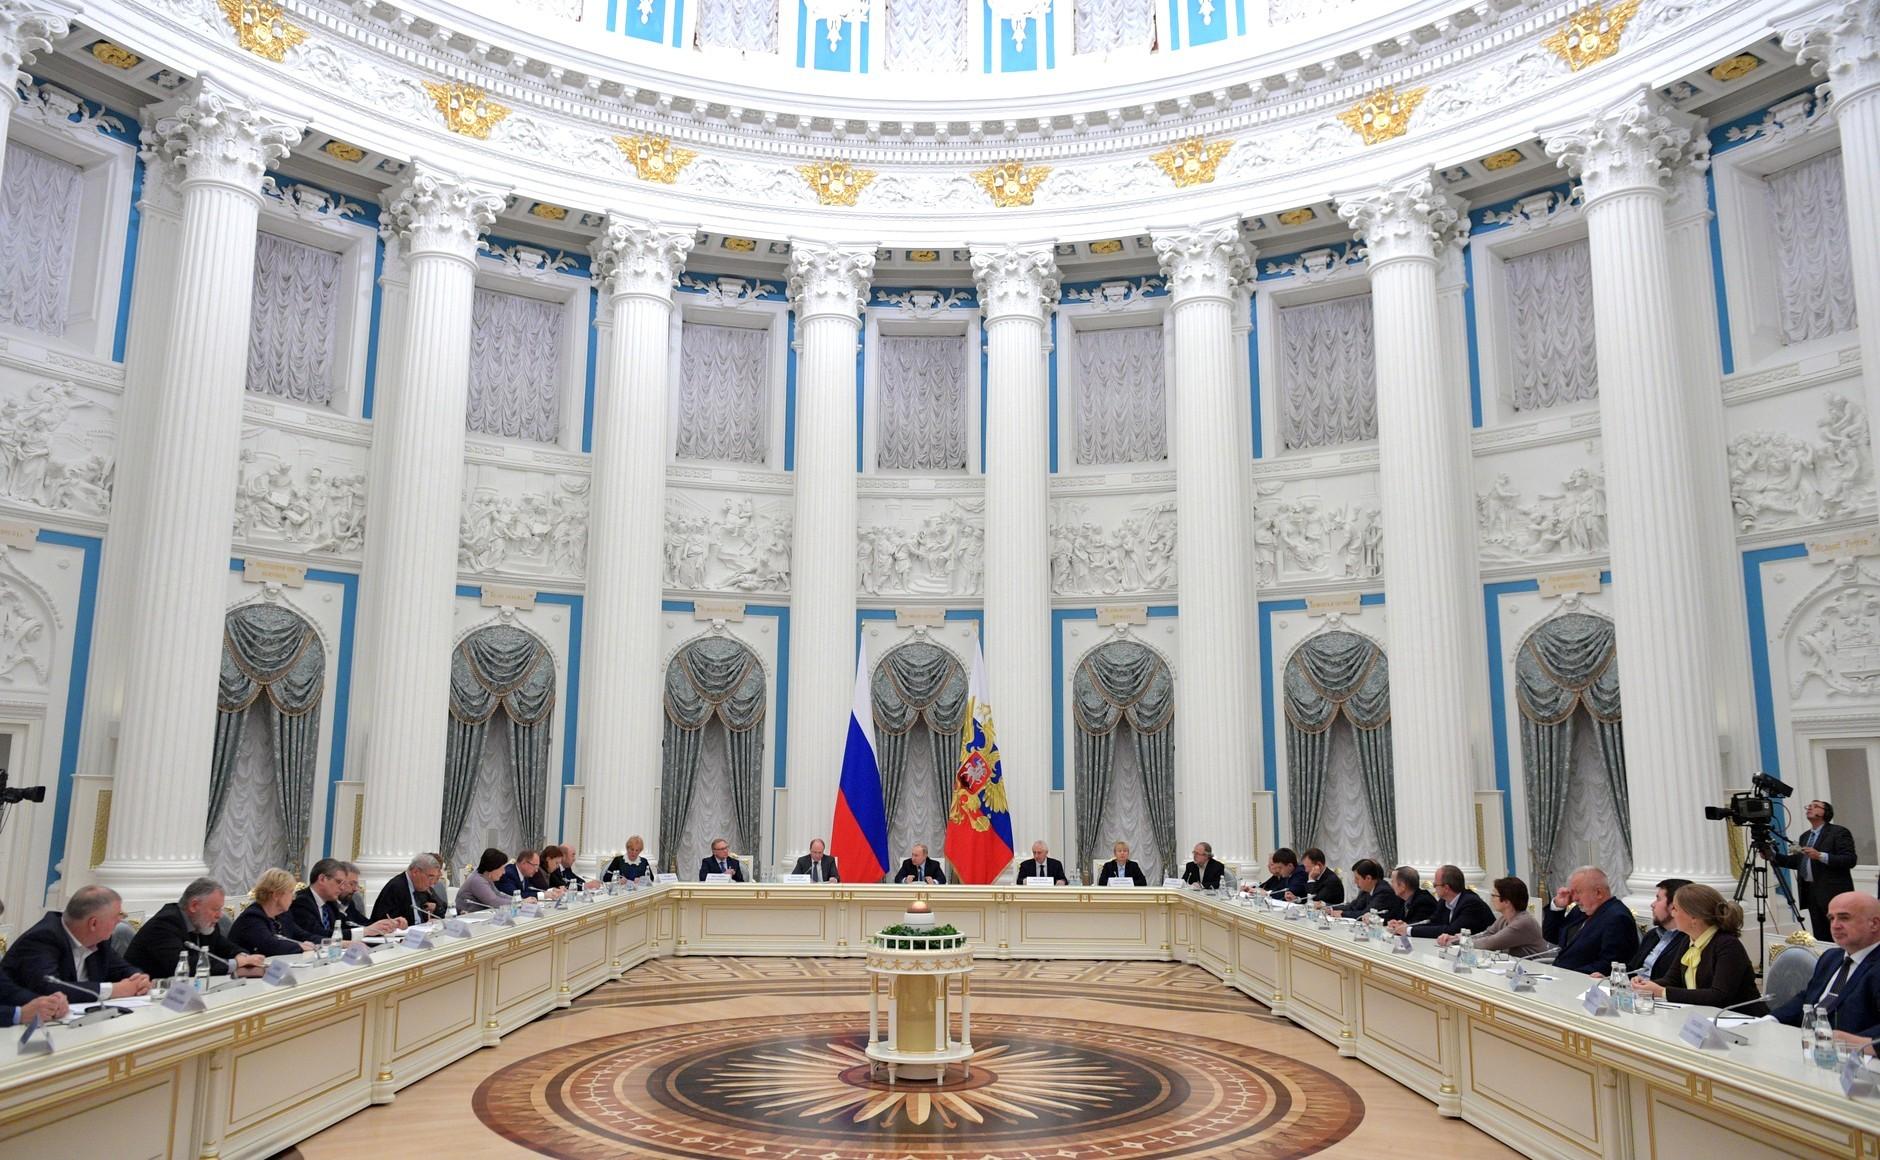 <p>Заседание Совета порусскому языку. Фото © Kremlin</p>